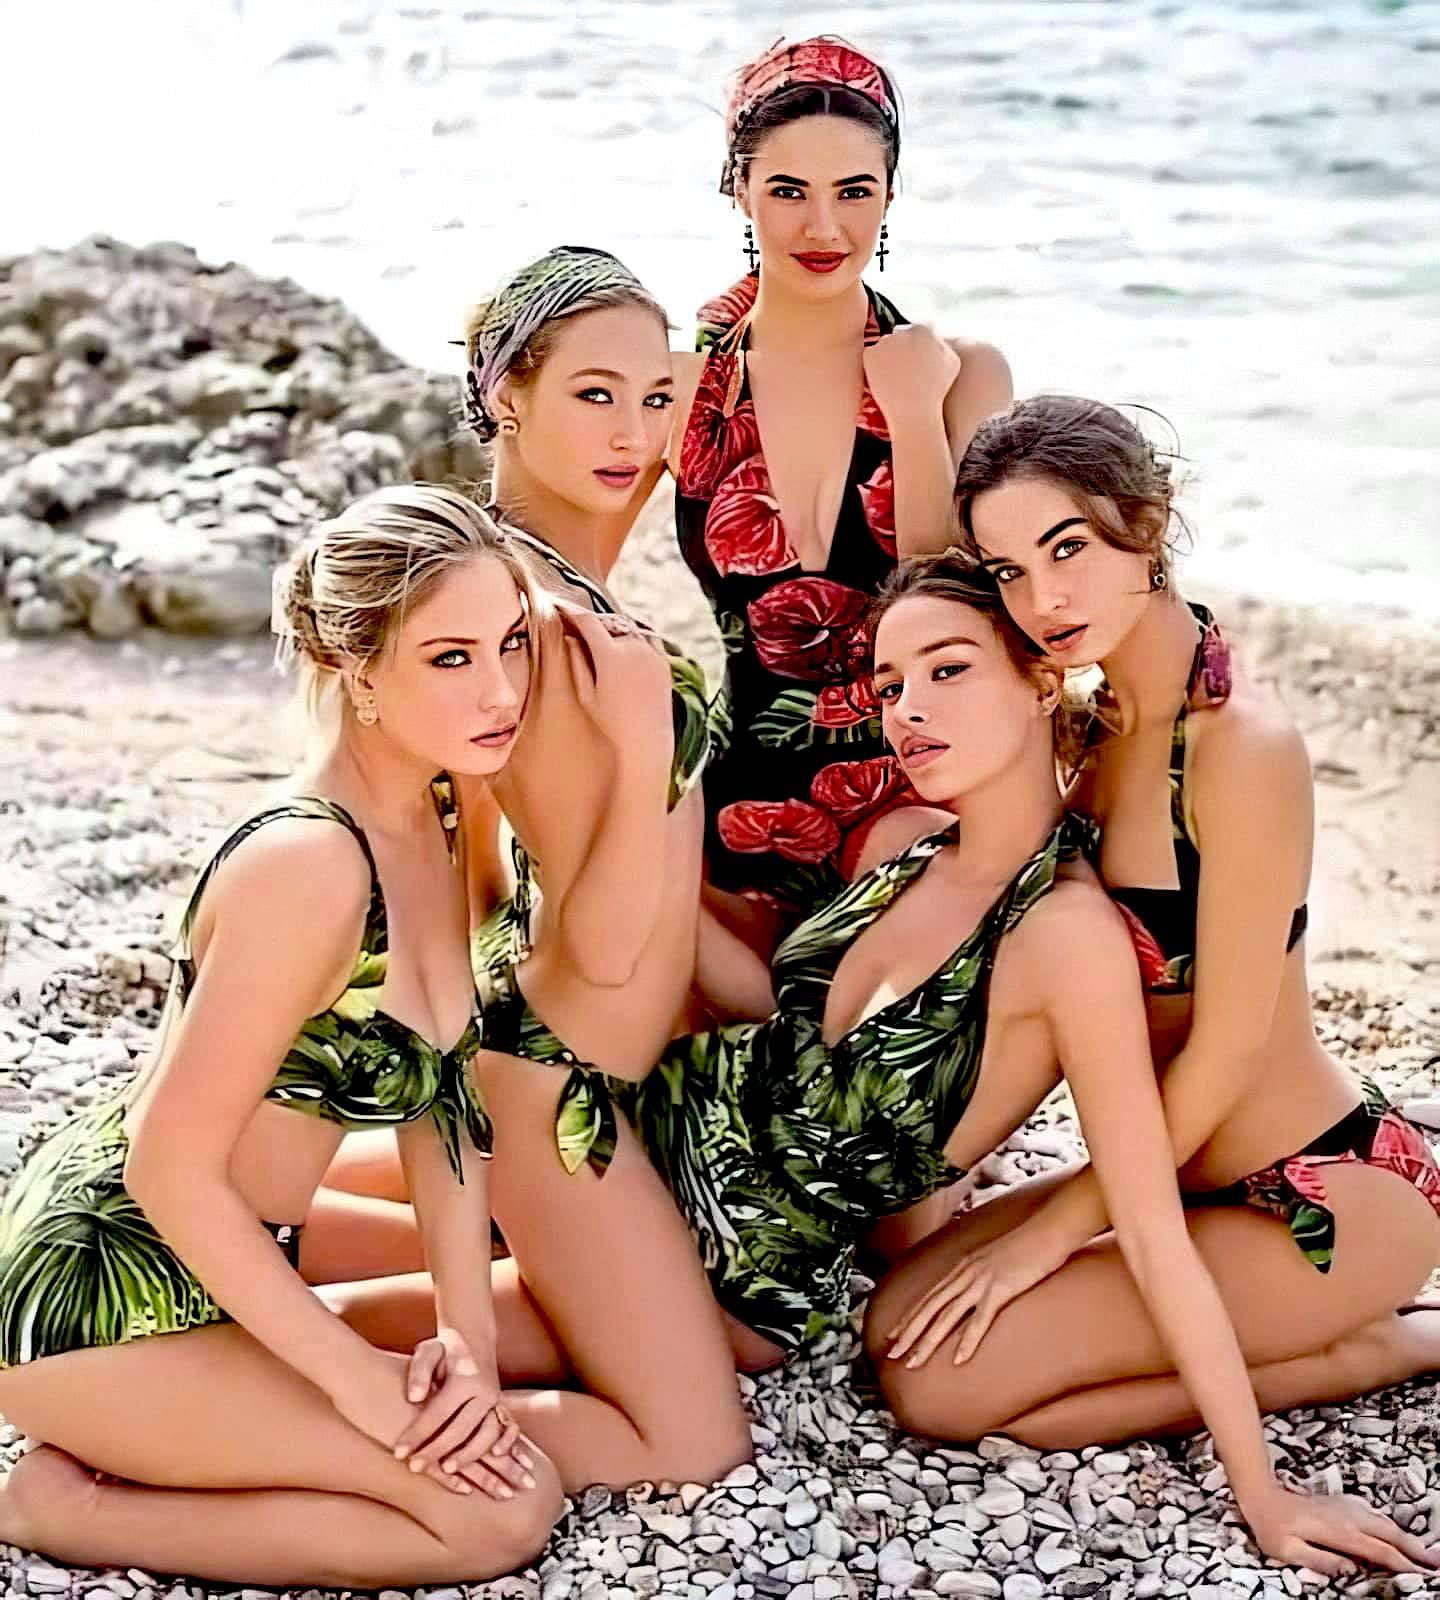 Pesë fotomodelet shqiptare të Dolce&Gabbanas